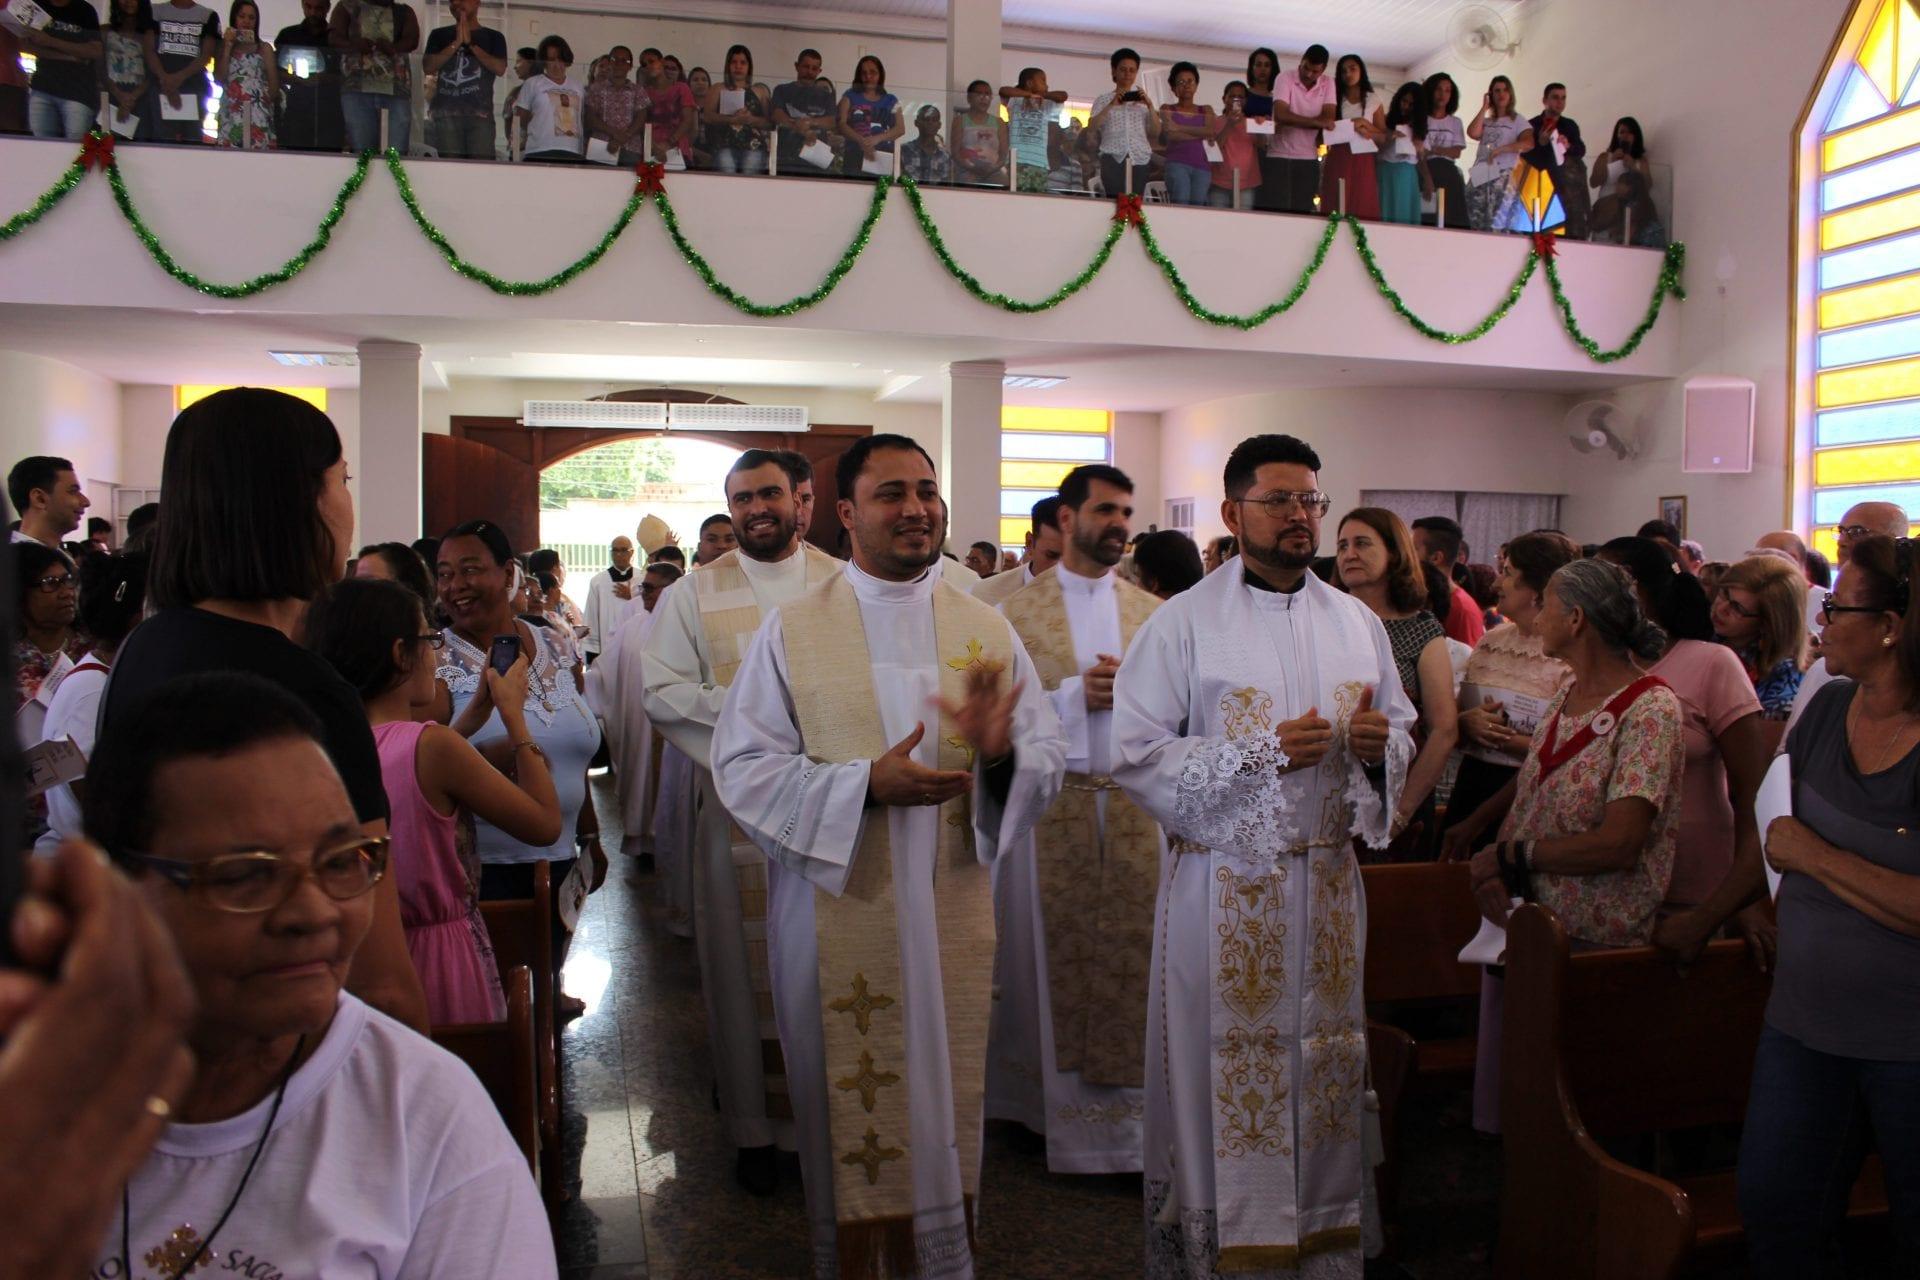 NOSSA DIOCESE SE ALEGRA COM DUAS ORDENAÇÕES